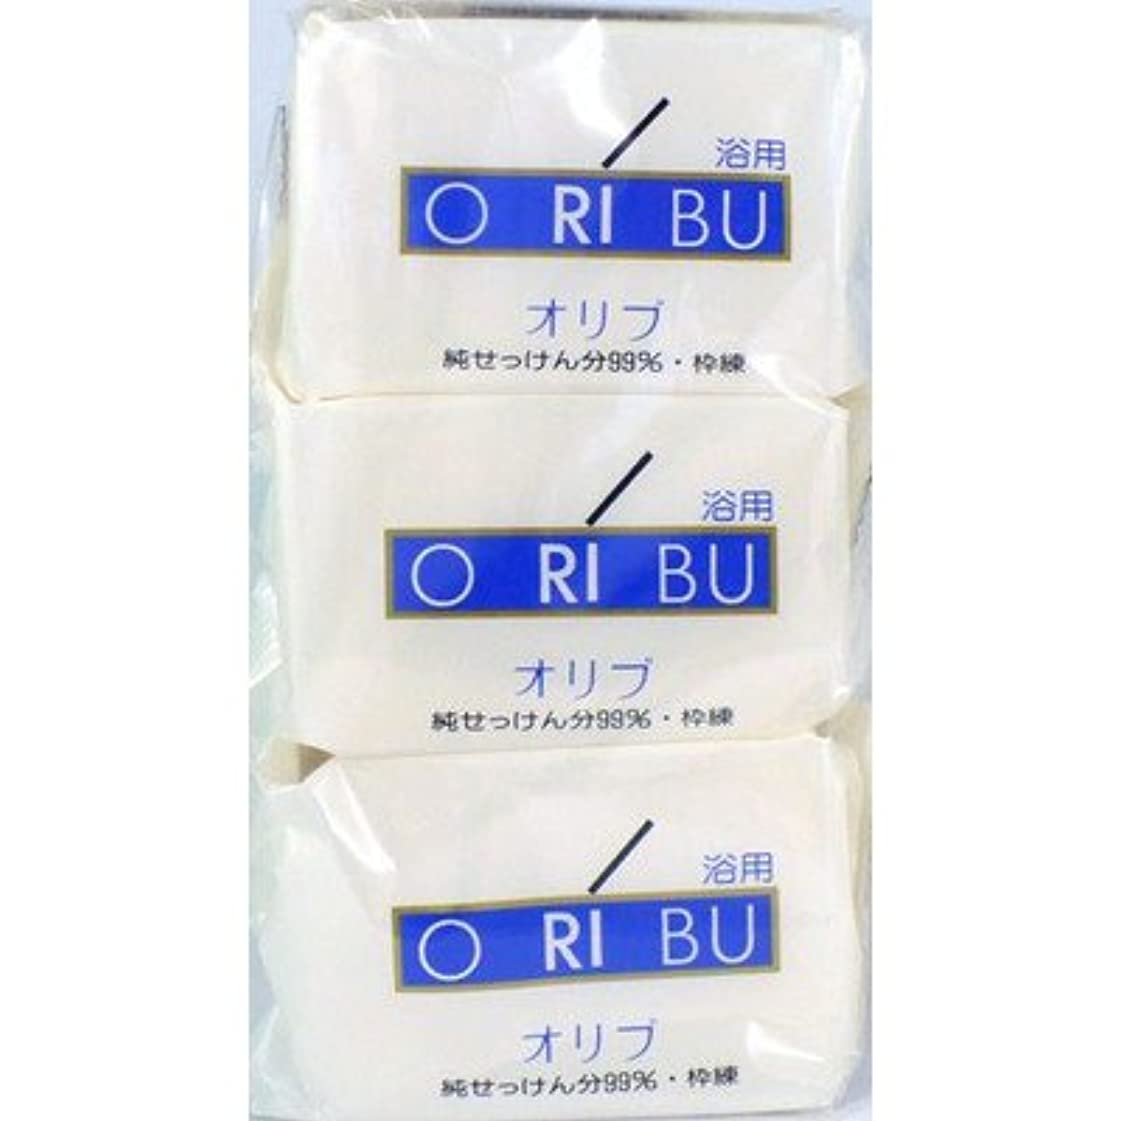 シーン創傷紫の暁石鹸 ORIBU オリブ 浴用石鹸 110g 3個入り